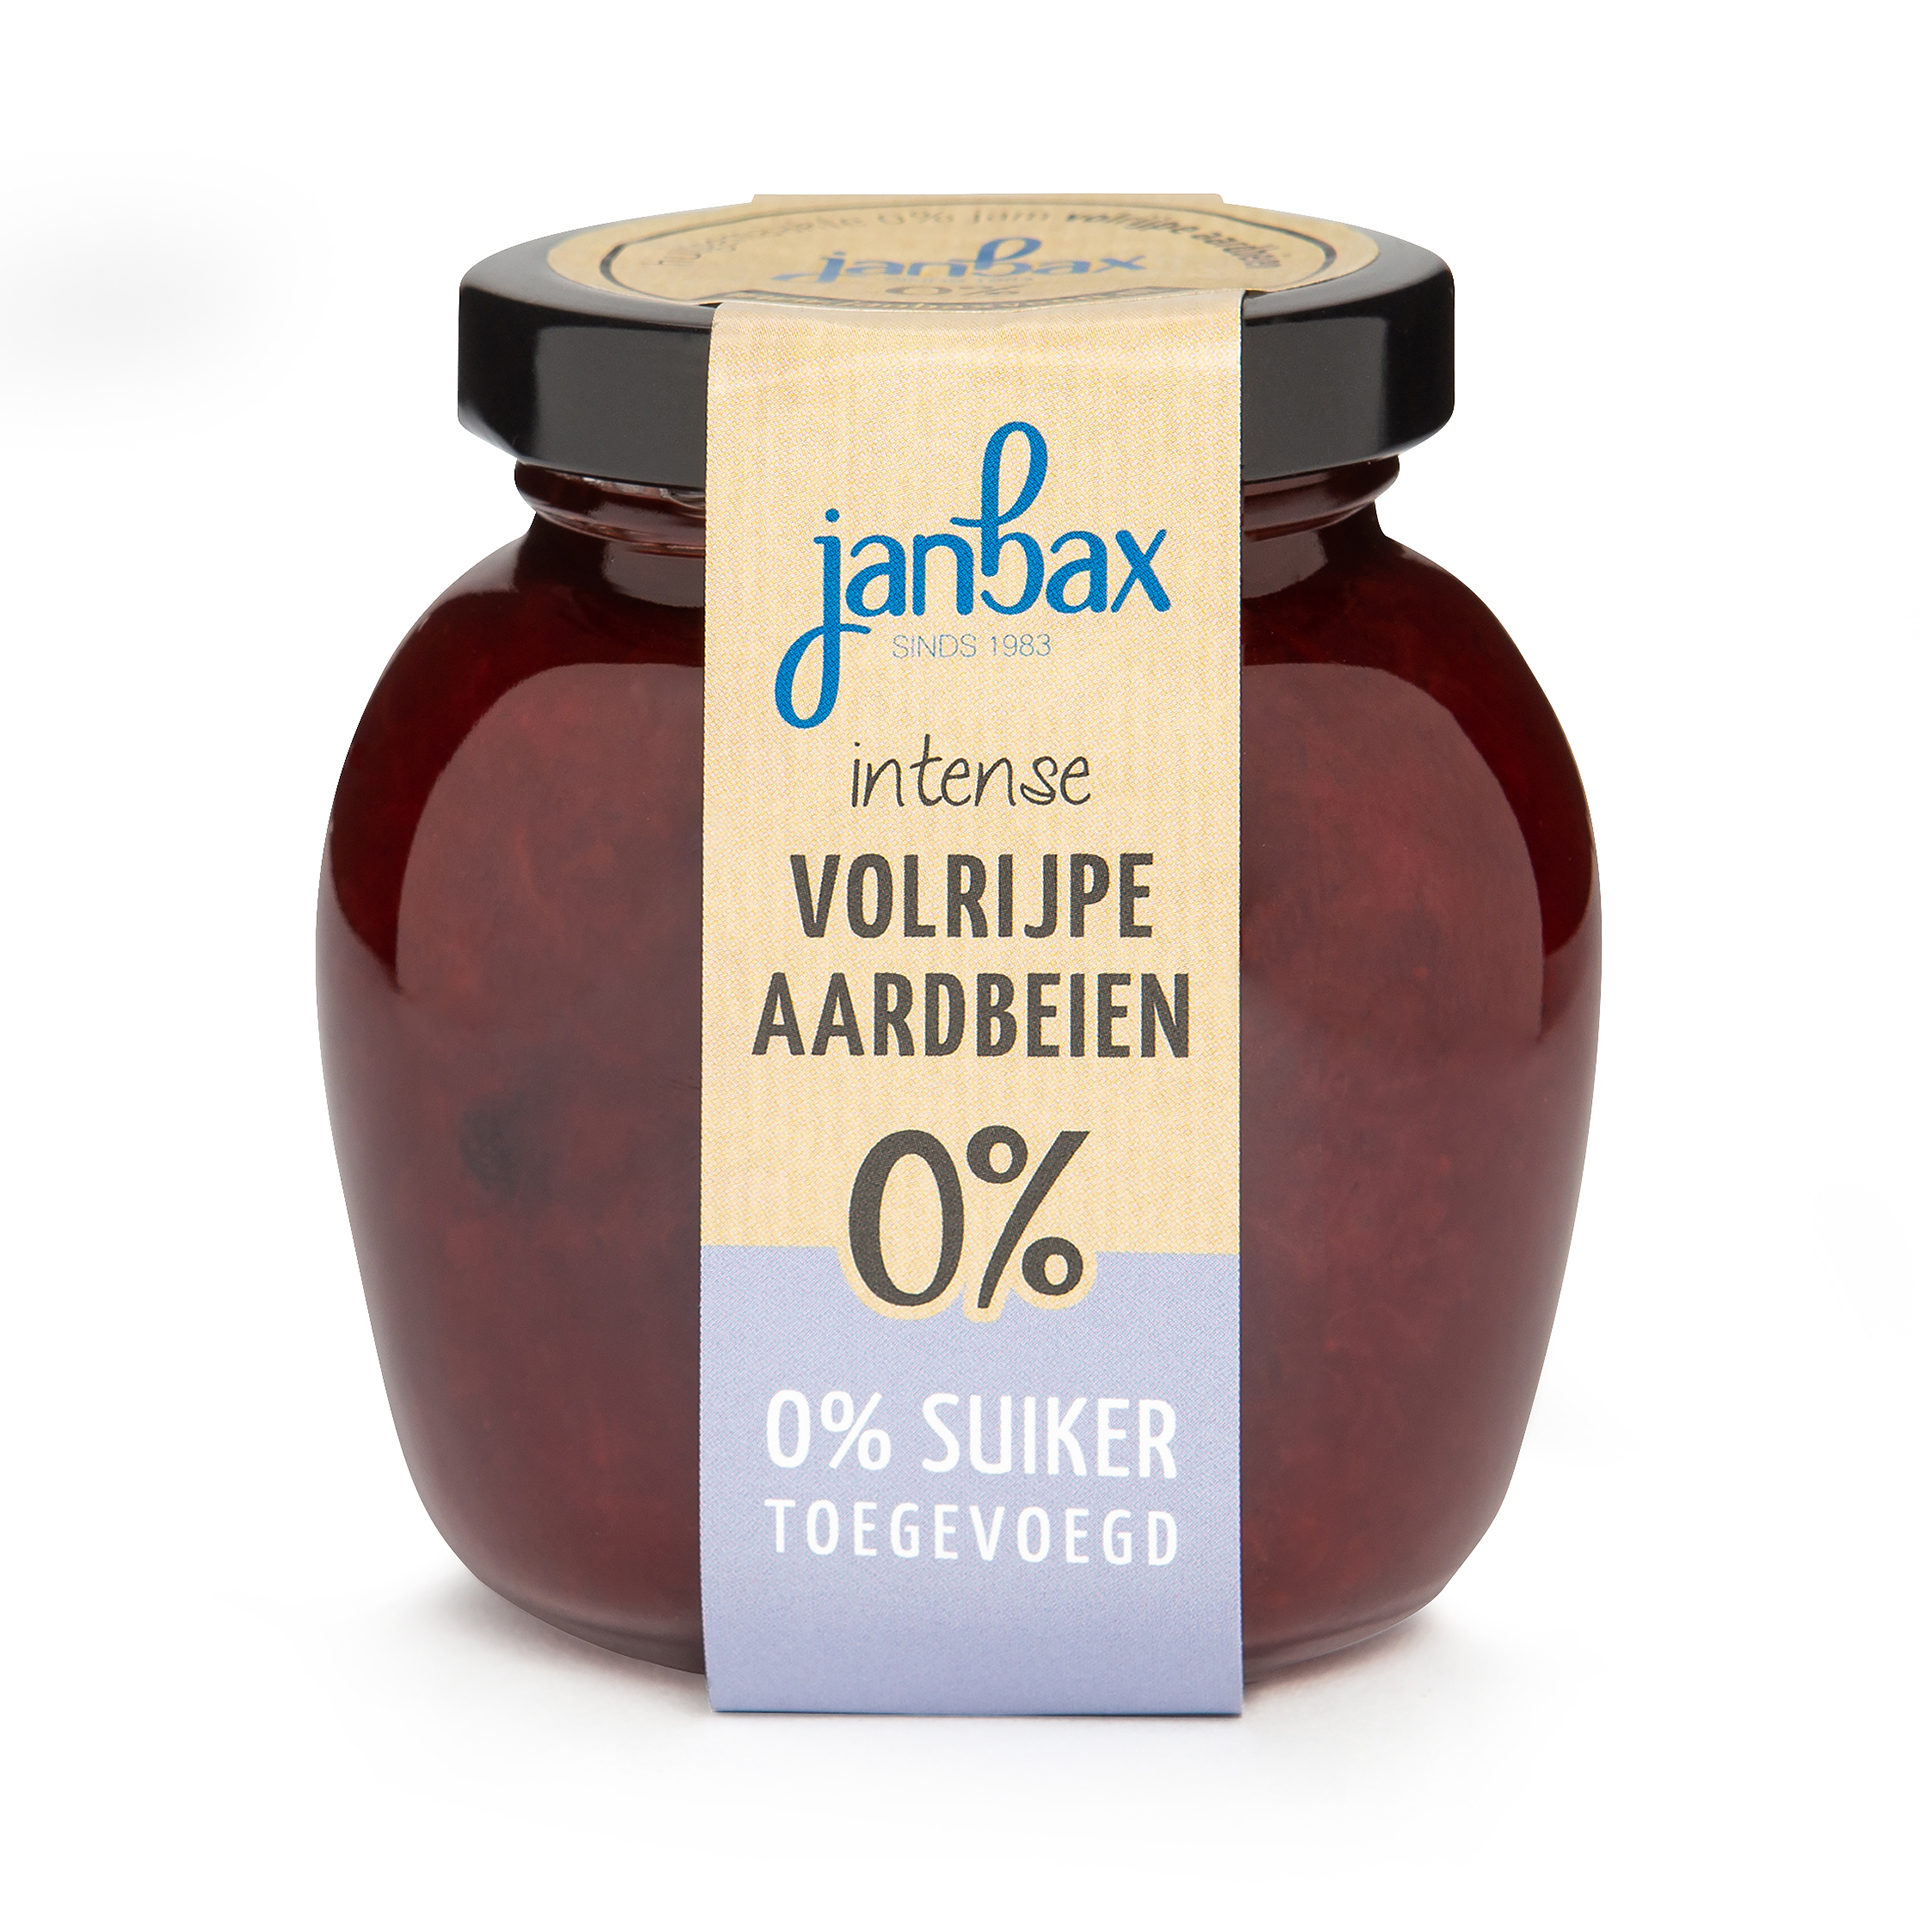 Intense 0% jam aardbeien zonder toegevoegd suiker